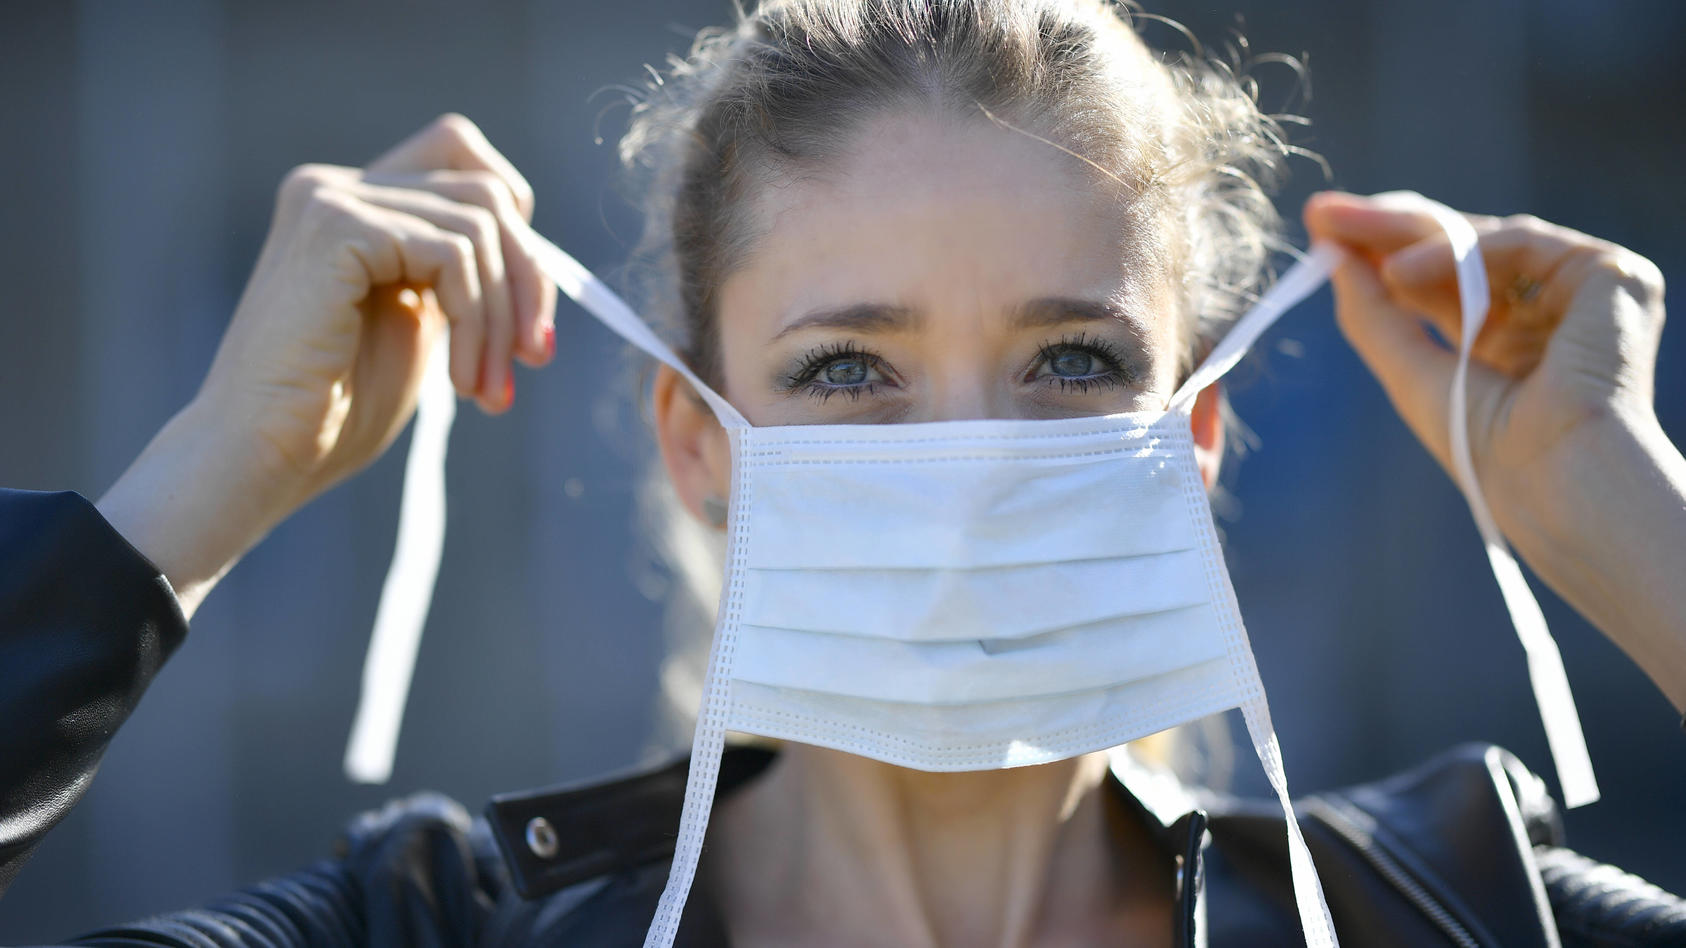 Aktuell gilt die Maskenpflicht in allen deutschen Bundesländern.